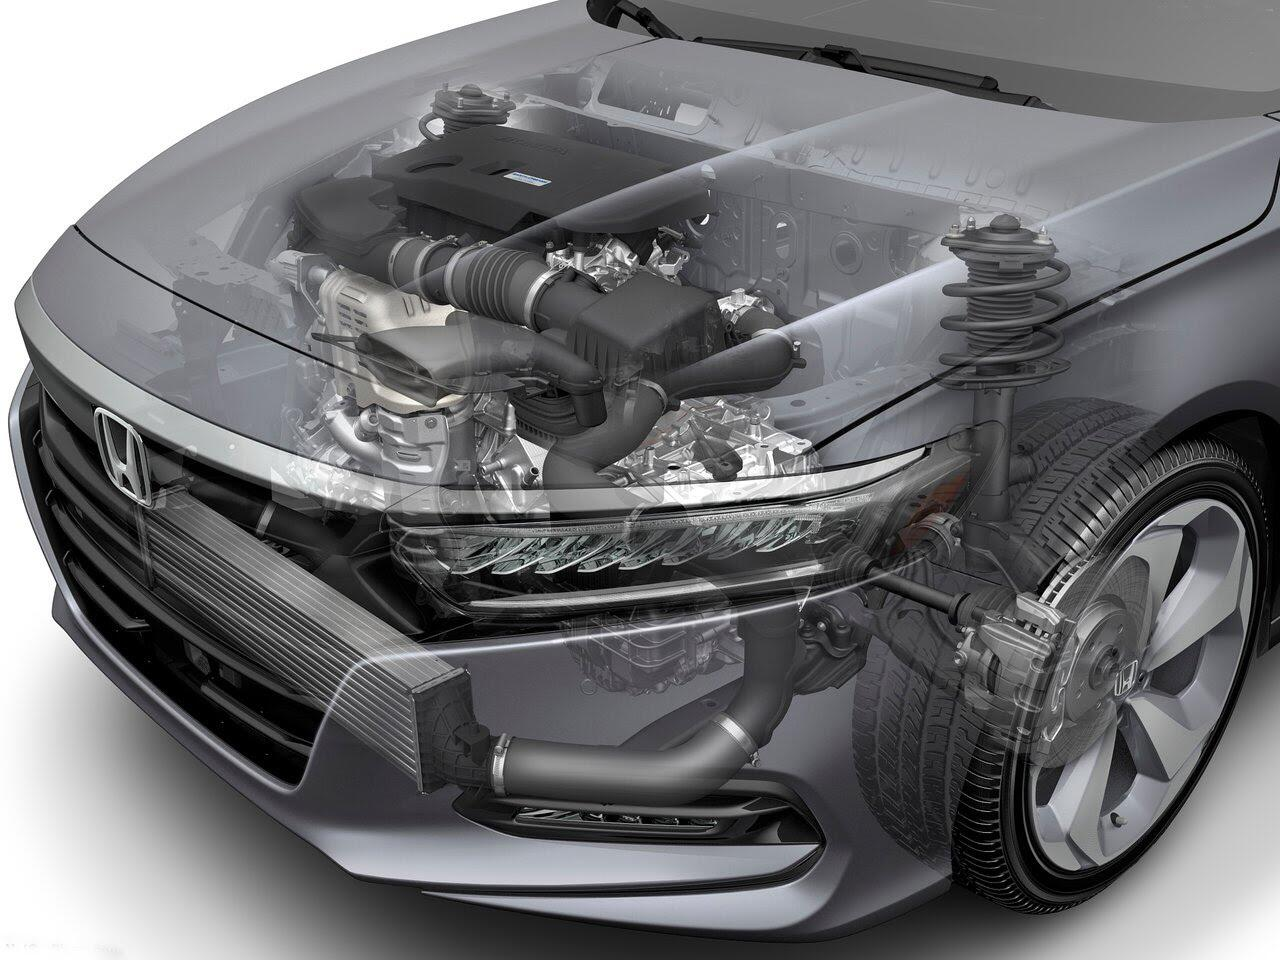 So sánh thông số kỹ thuật Honda Accord 2018 và Toyota Camry 2018 - Hình 3